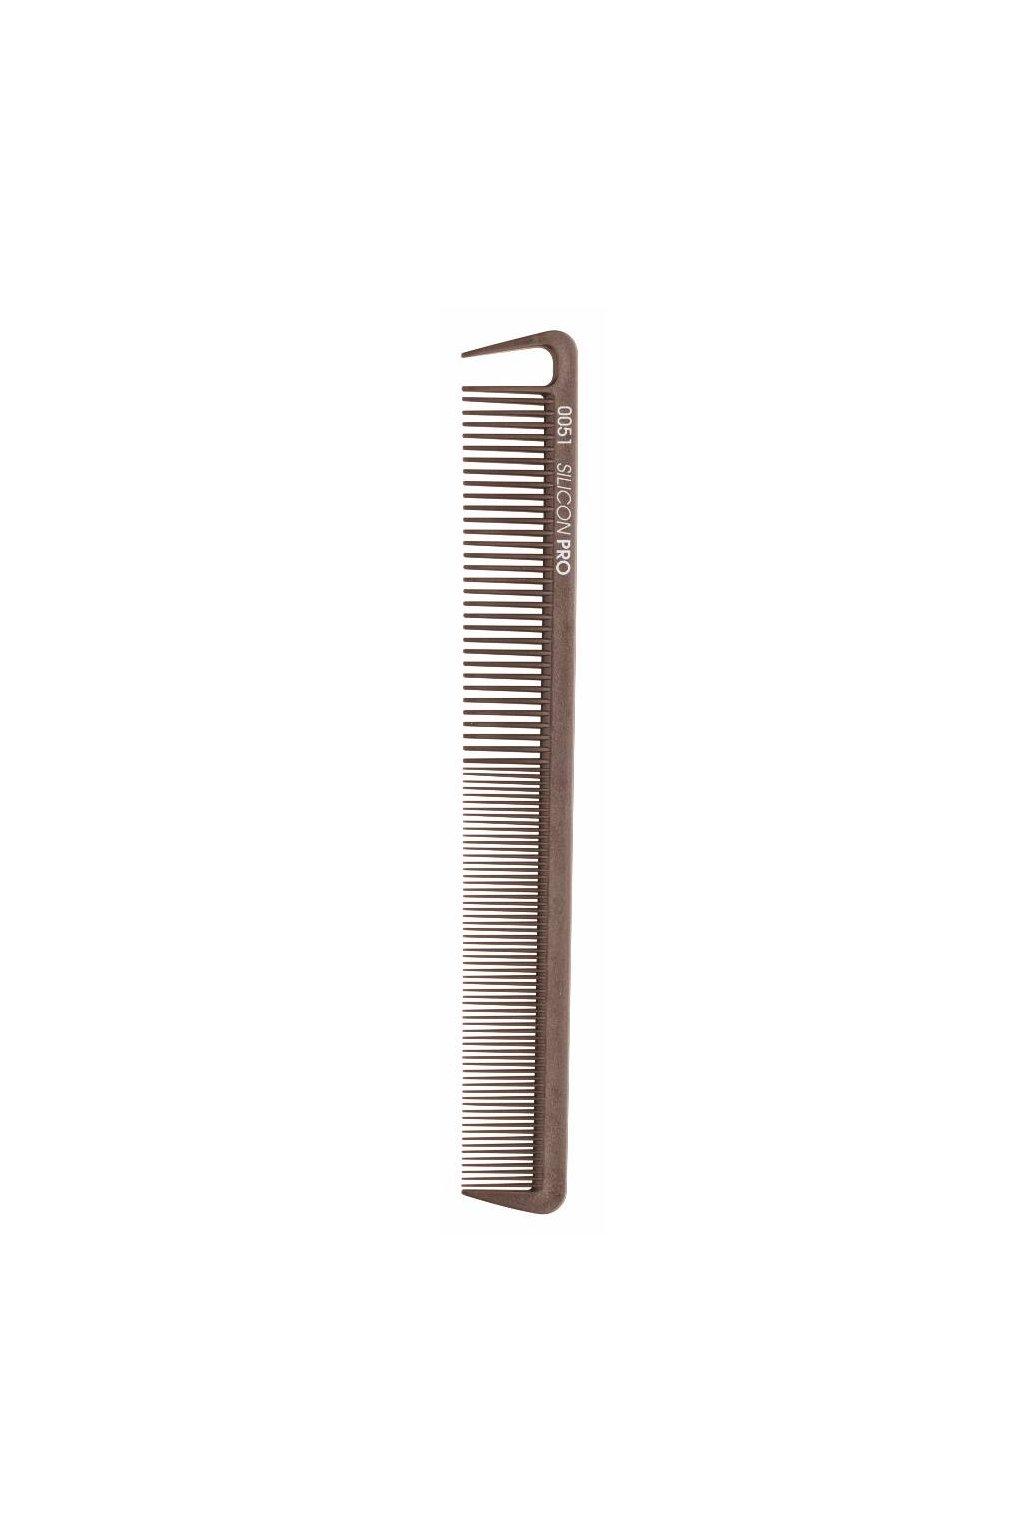 8051 hreben silicon pro 0051 extremne odolny ridky husty vybiraci zub 17 8cm